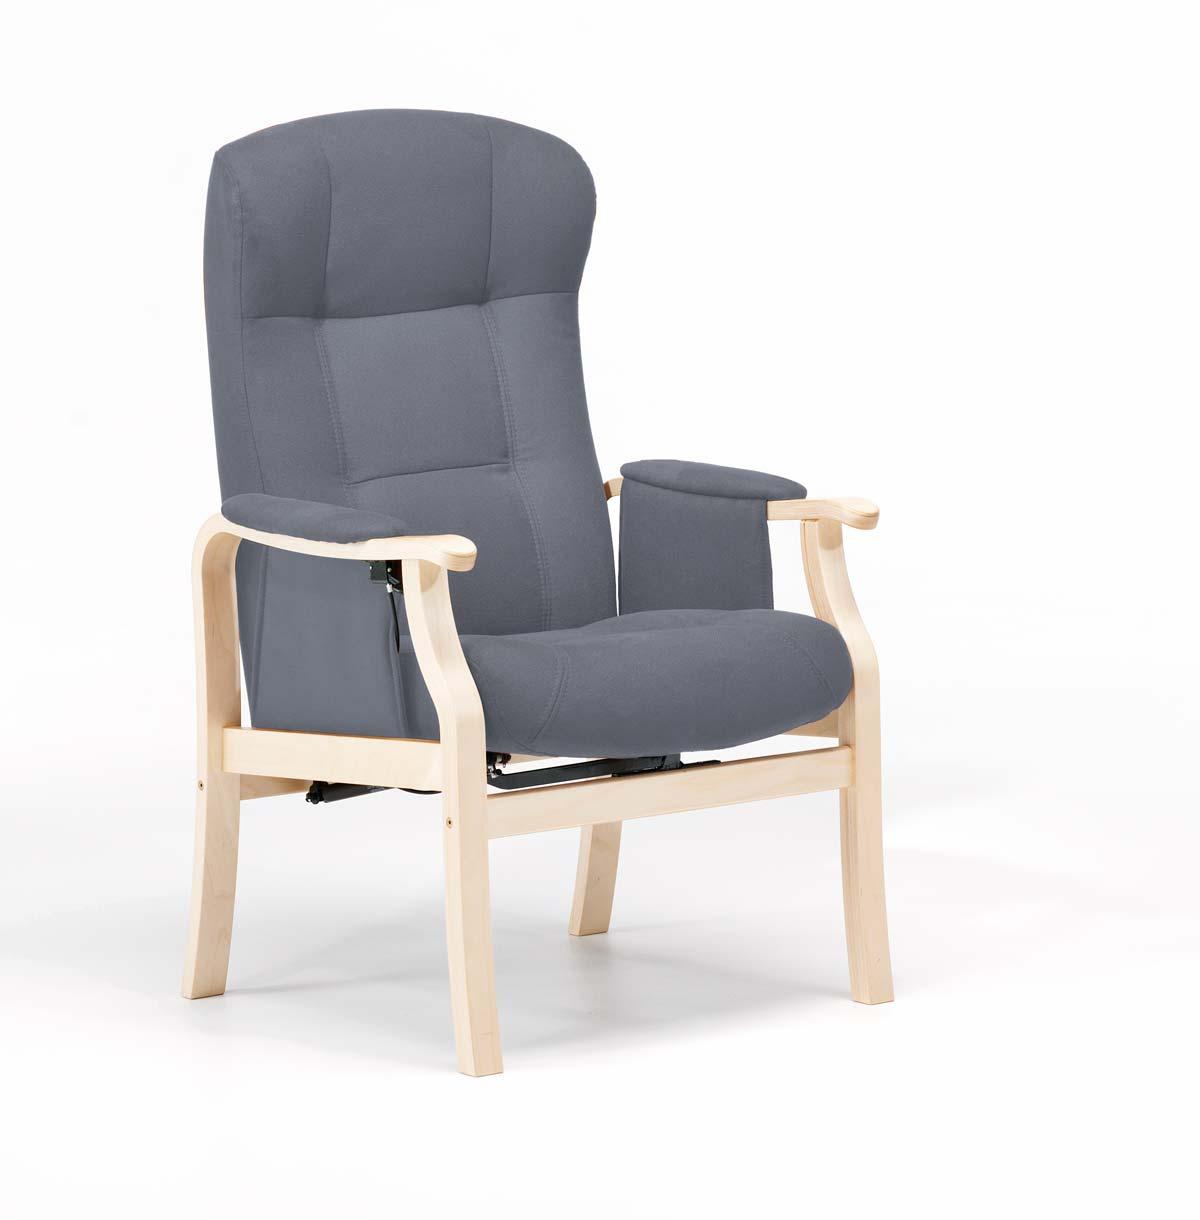 NORDIC-C Sorø Standard seniorstol, eksl. skammel - grafitgrå